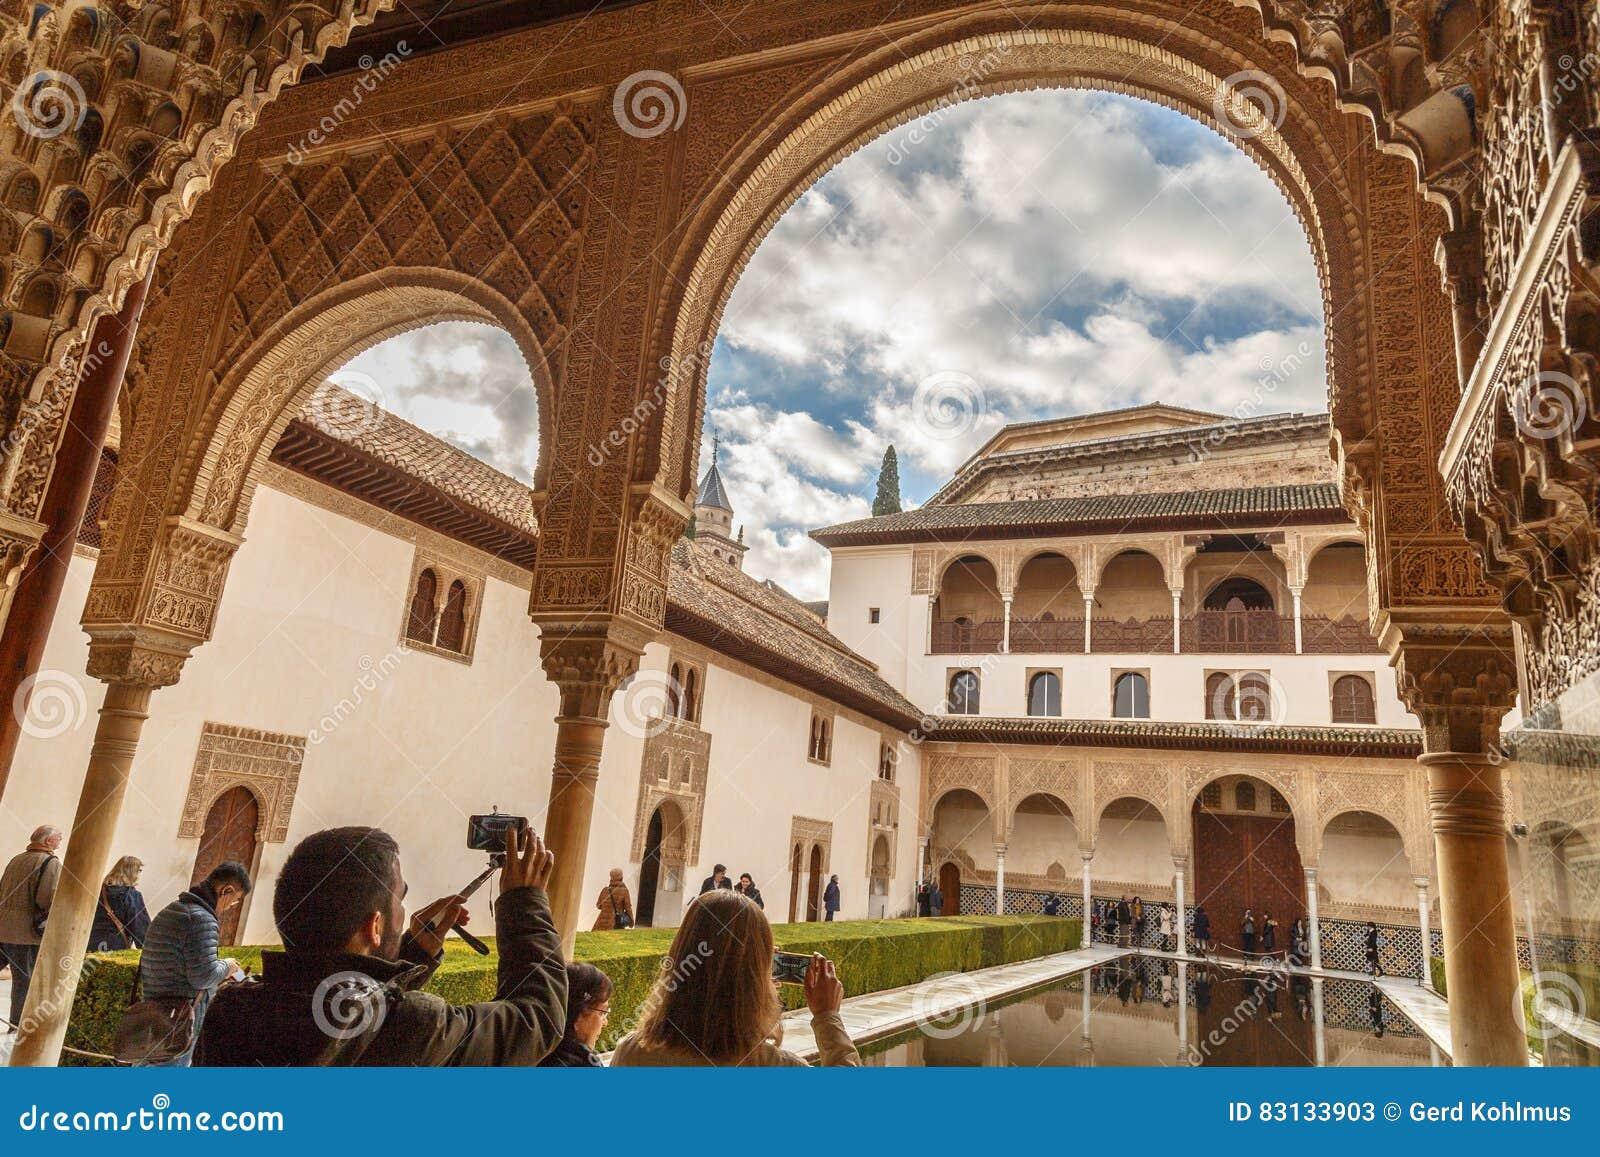 Taking photos at Alhambra